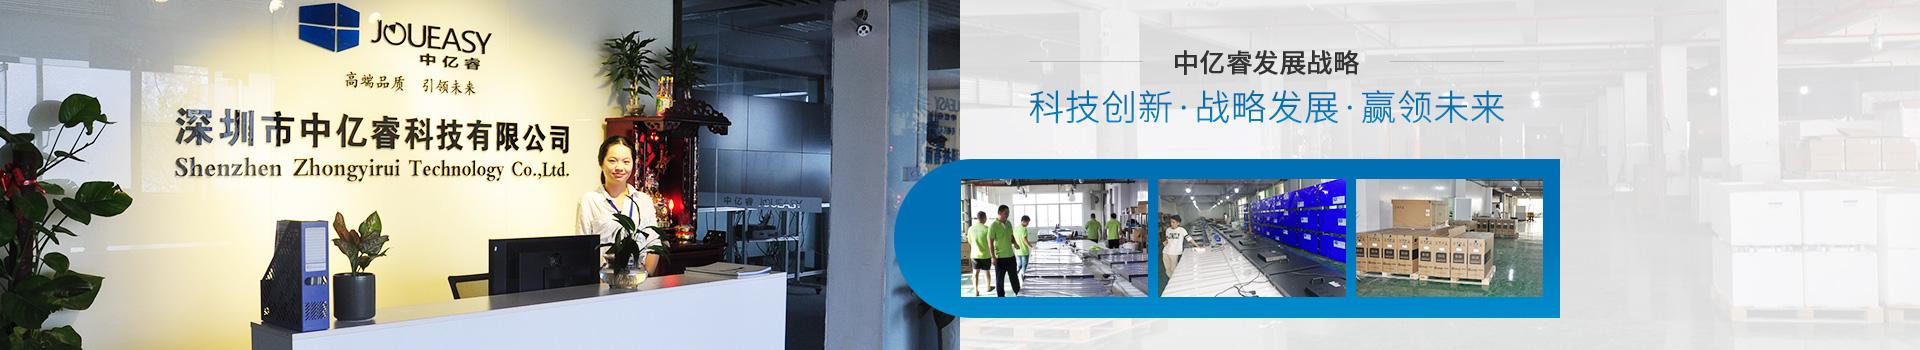 液晶拼接屏厂家中亿睿发展战略 科技创新战略发展 赢领未来